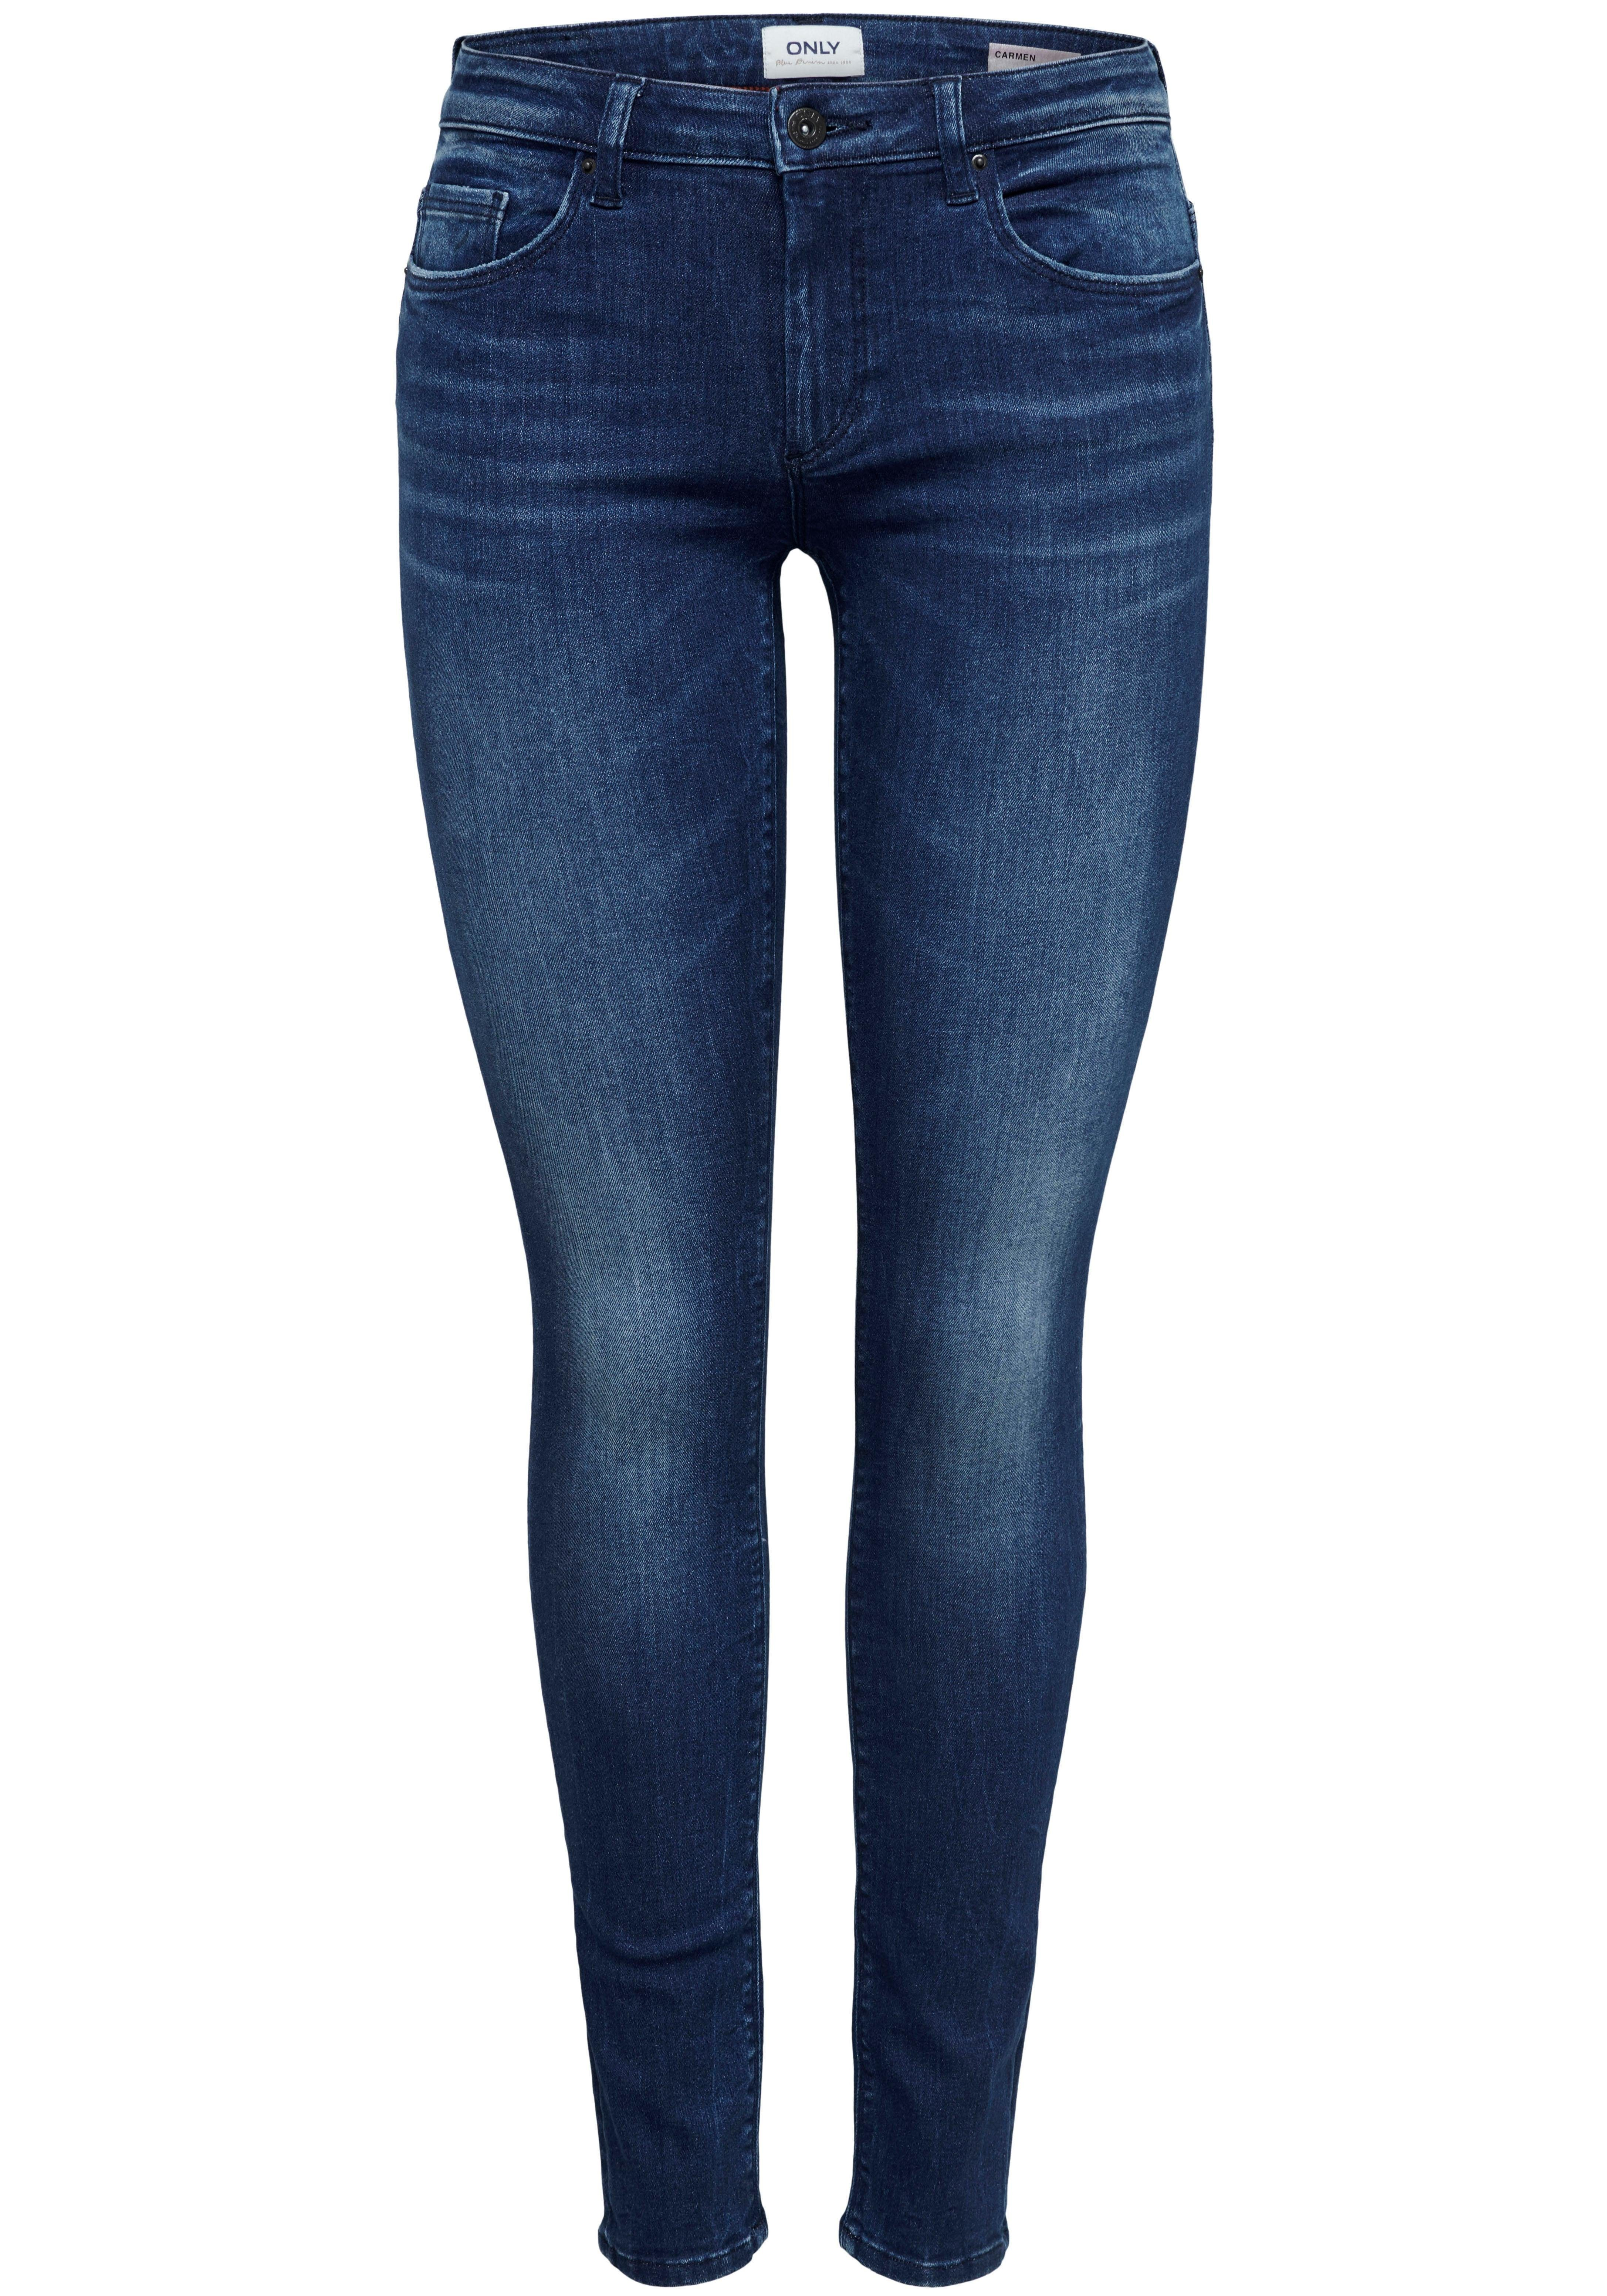 Only Skinny-fit-Jeans CARMEN, In klassischer 5-Pocket Form